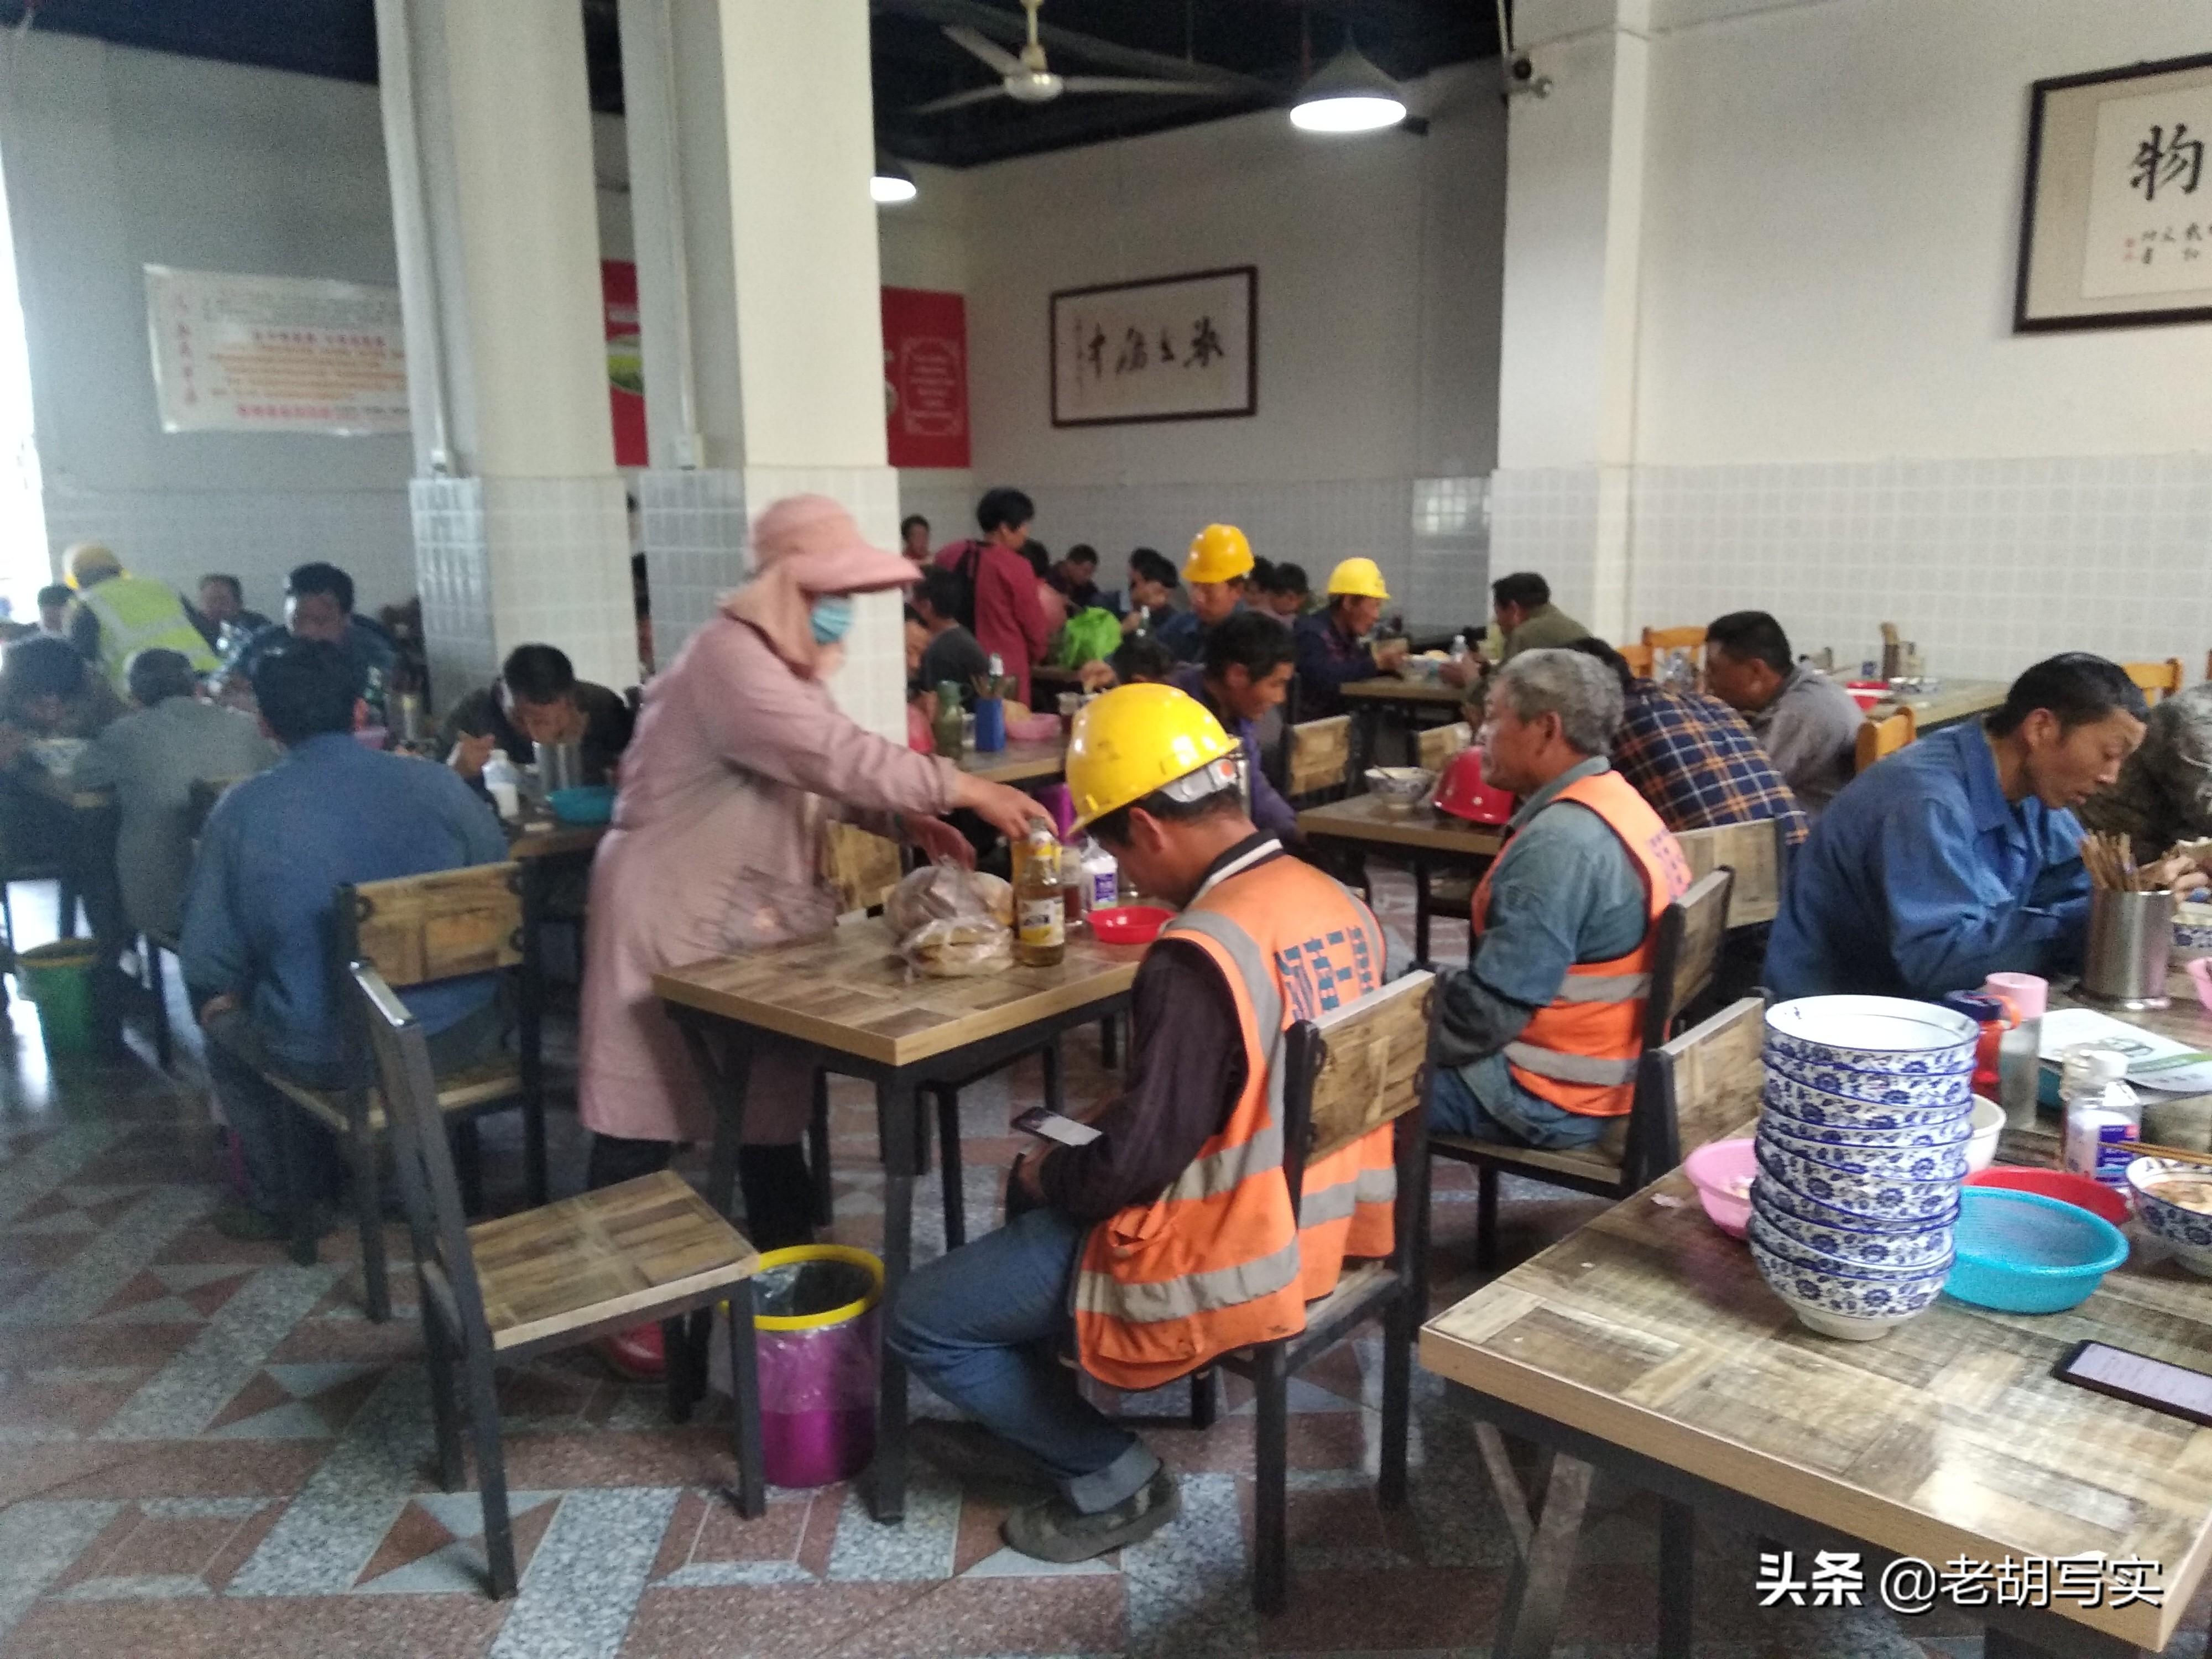 洛阳城好喝的羊肉汤大集合,每家汤馆都有大批铁杆汤粉